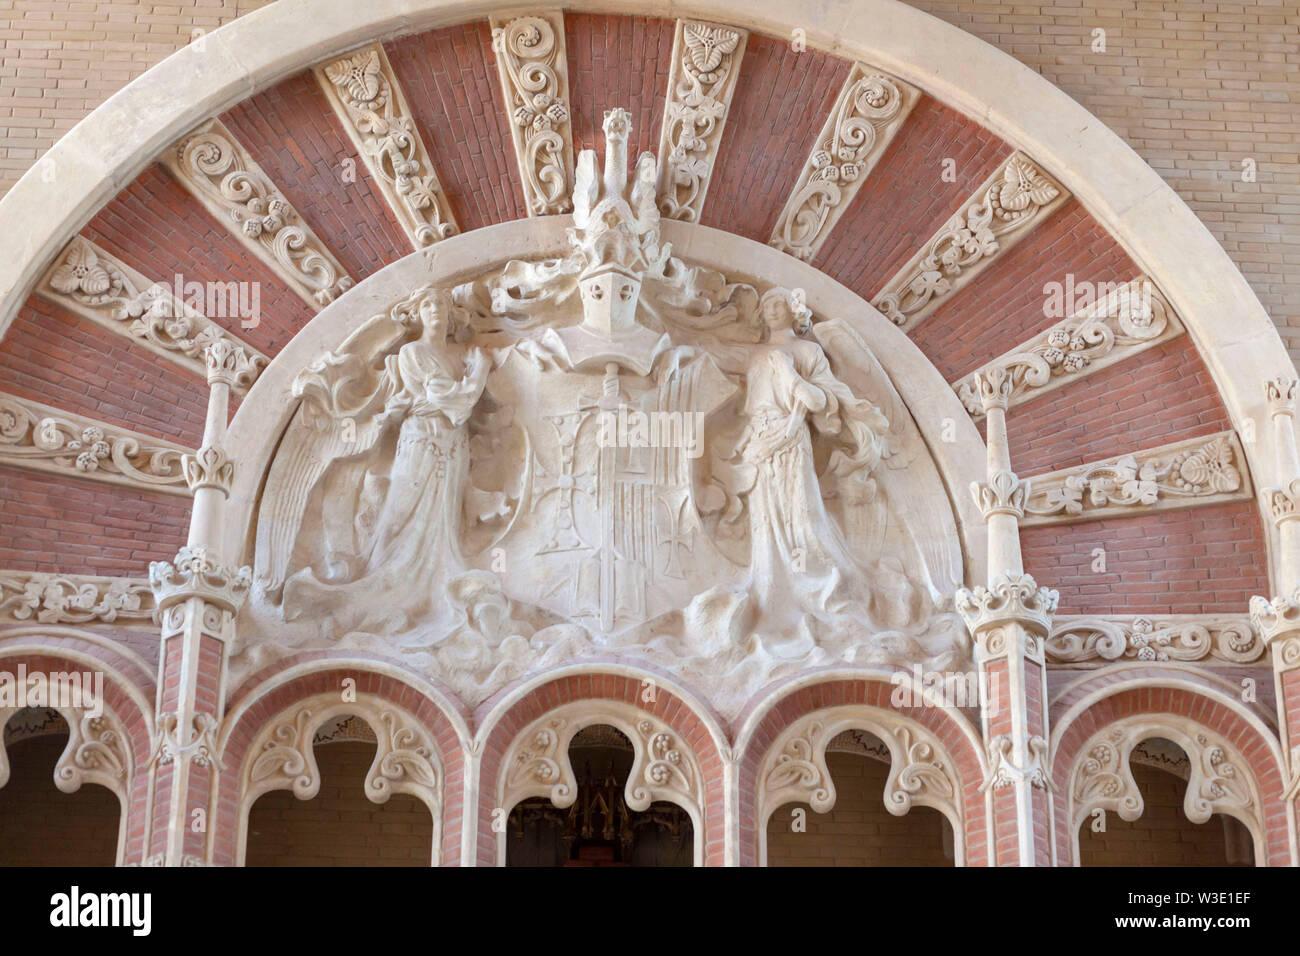 BARCELONA,SPAIN-APRIL 253,2019: Modernist style complex, Hospital de Sant Pau i de la Santa Creu, designed by Lluis Domenech i Montaner. UNESCO world - Stock Image